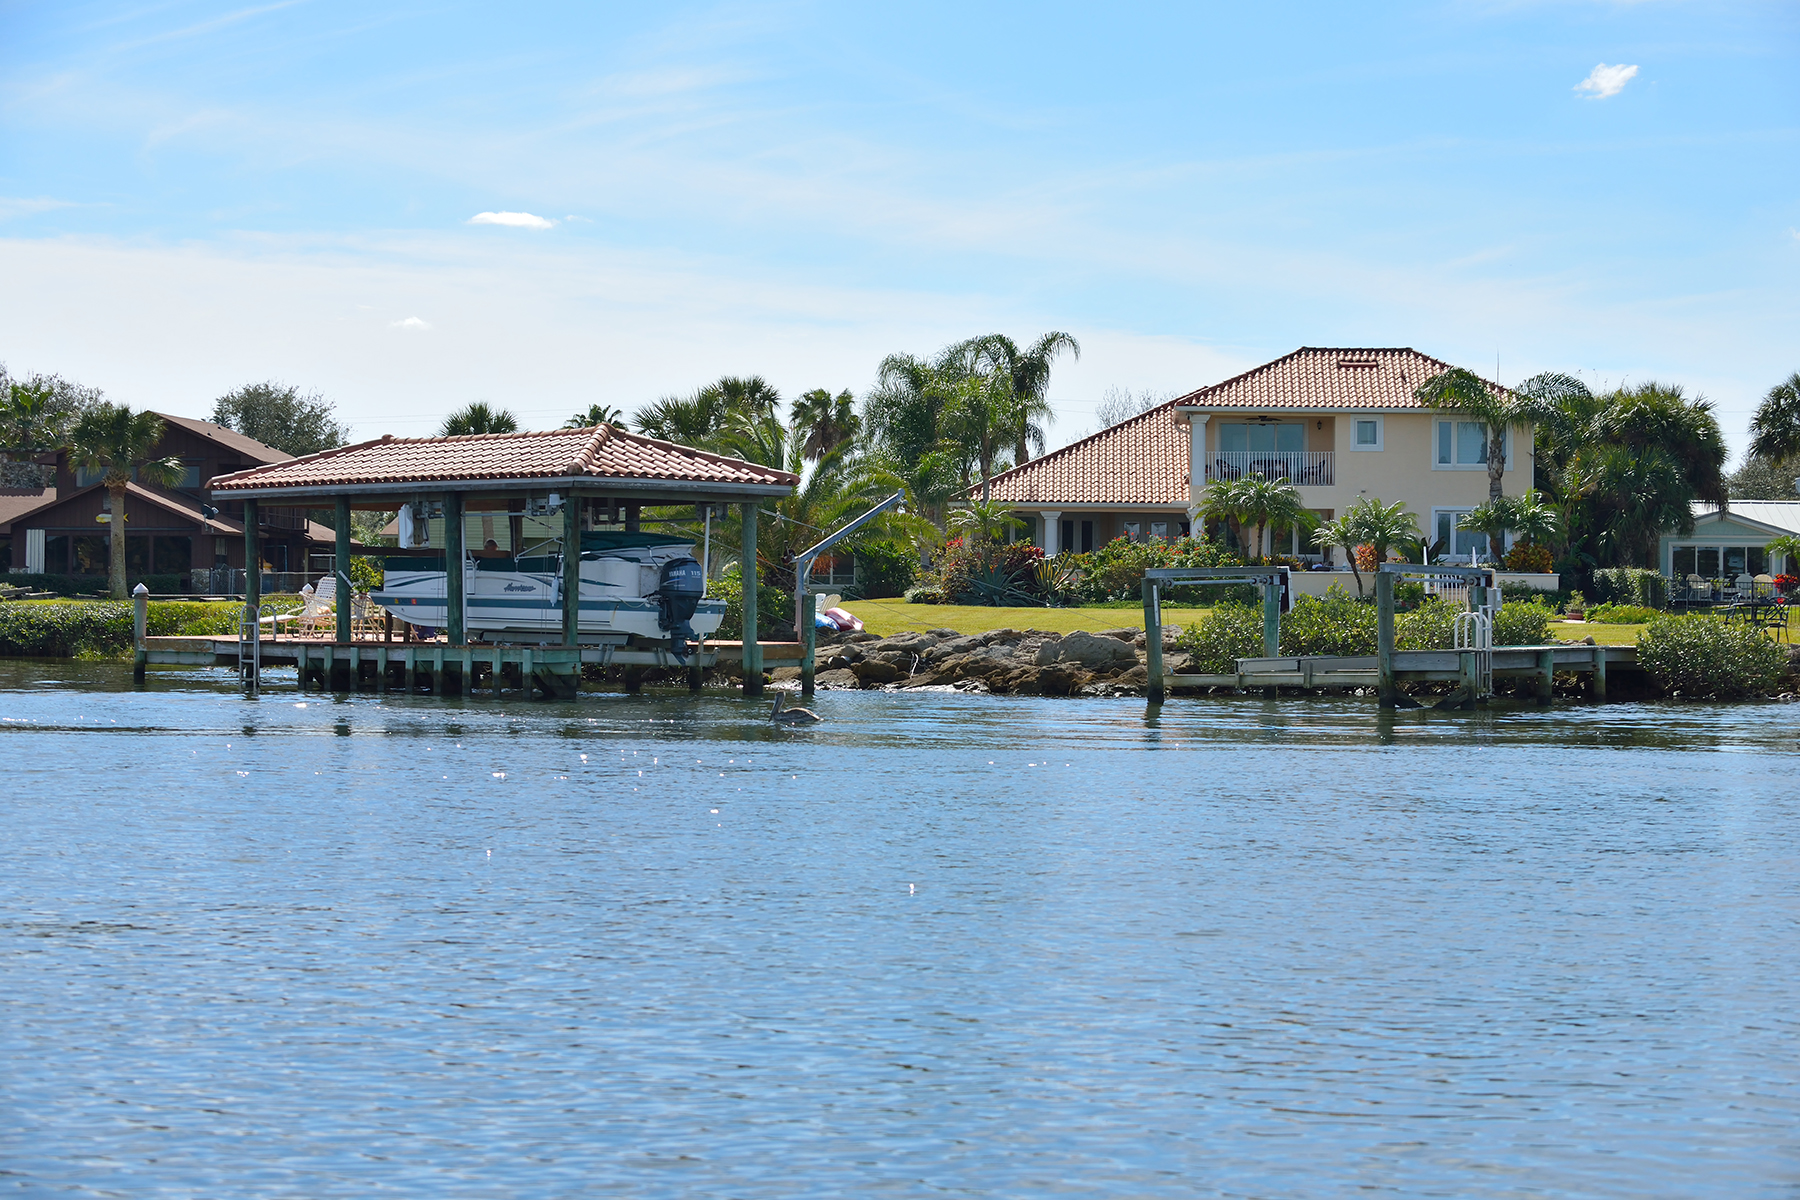 Einfamilienhaus für Verkauf beim PORT ORANGE AND THE BEACHES 109 Cunningham Dr New Smyrna Beach, Florida, 32168 Vereinigte Staaten